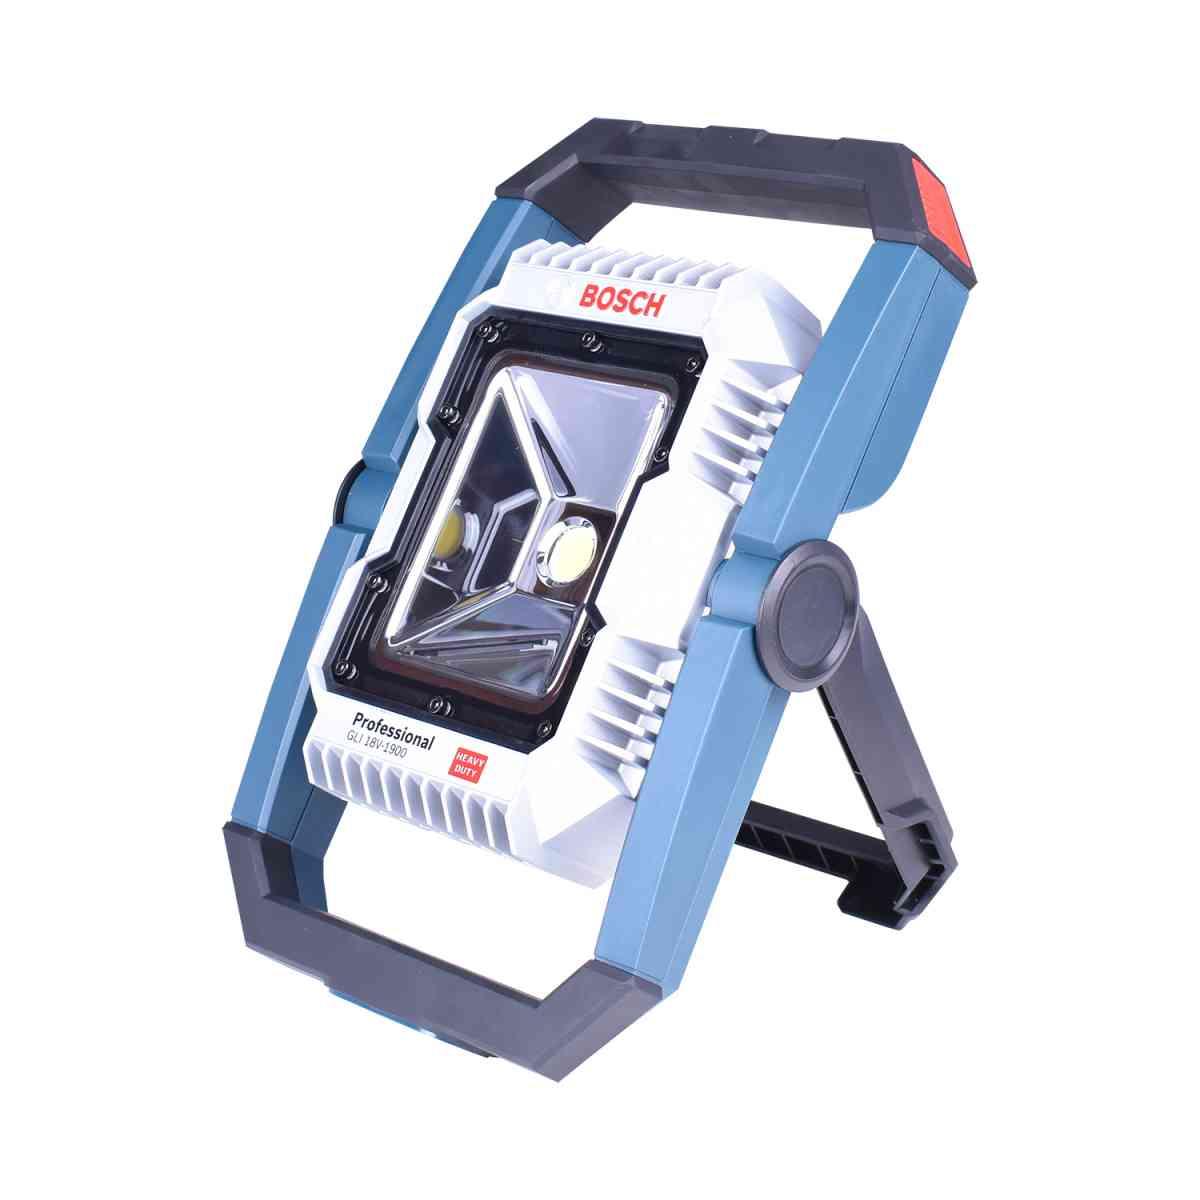 Aspirador de Pó Portátil Gas18V-1 + Lanterna Gho18V-Li + Carregador com 2 Baterias 18V + Bolsa Ferramentas Bosch